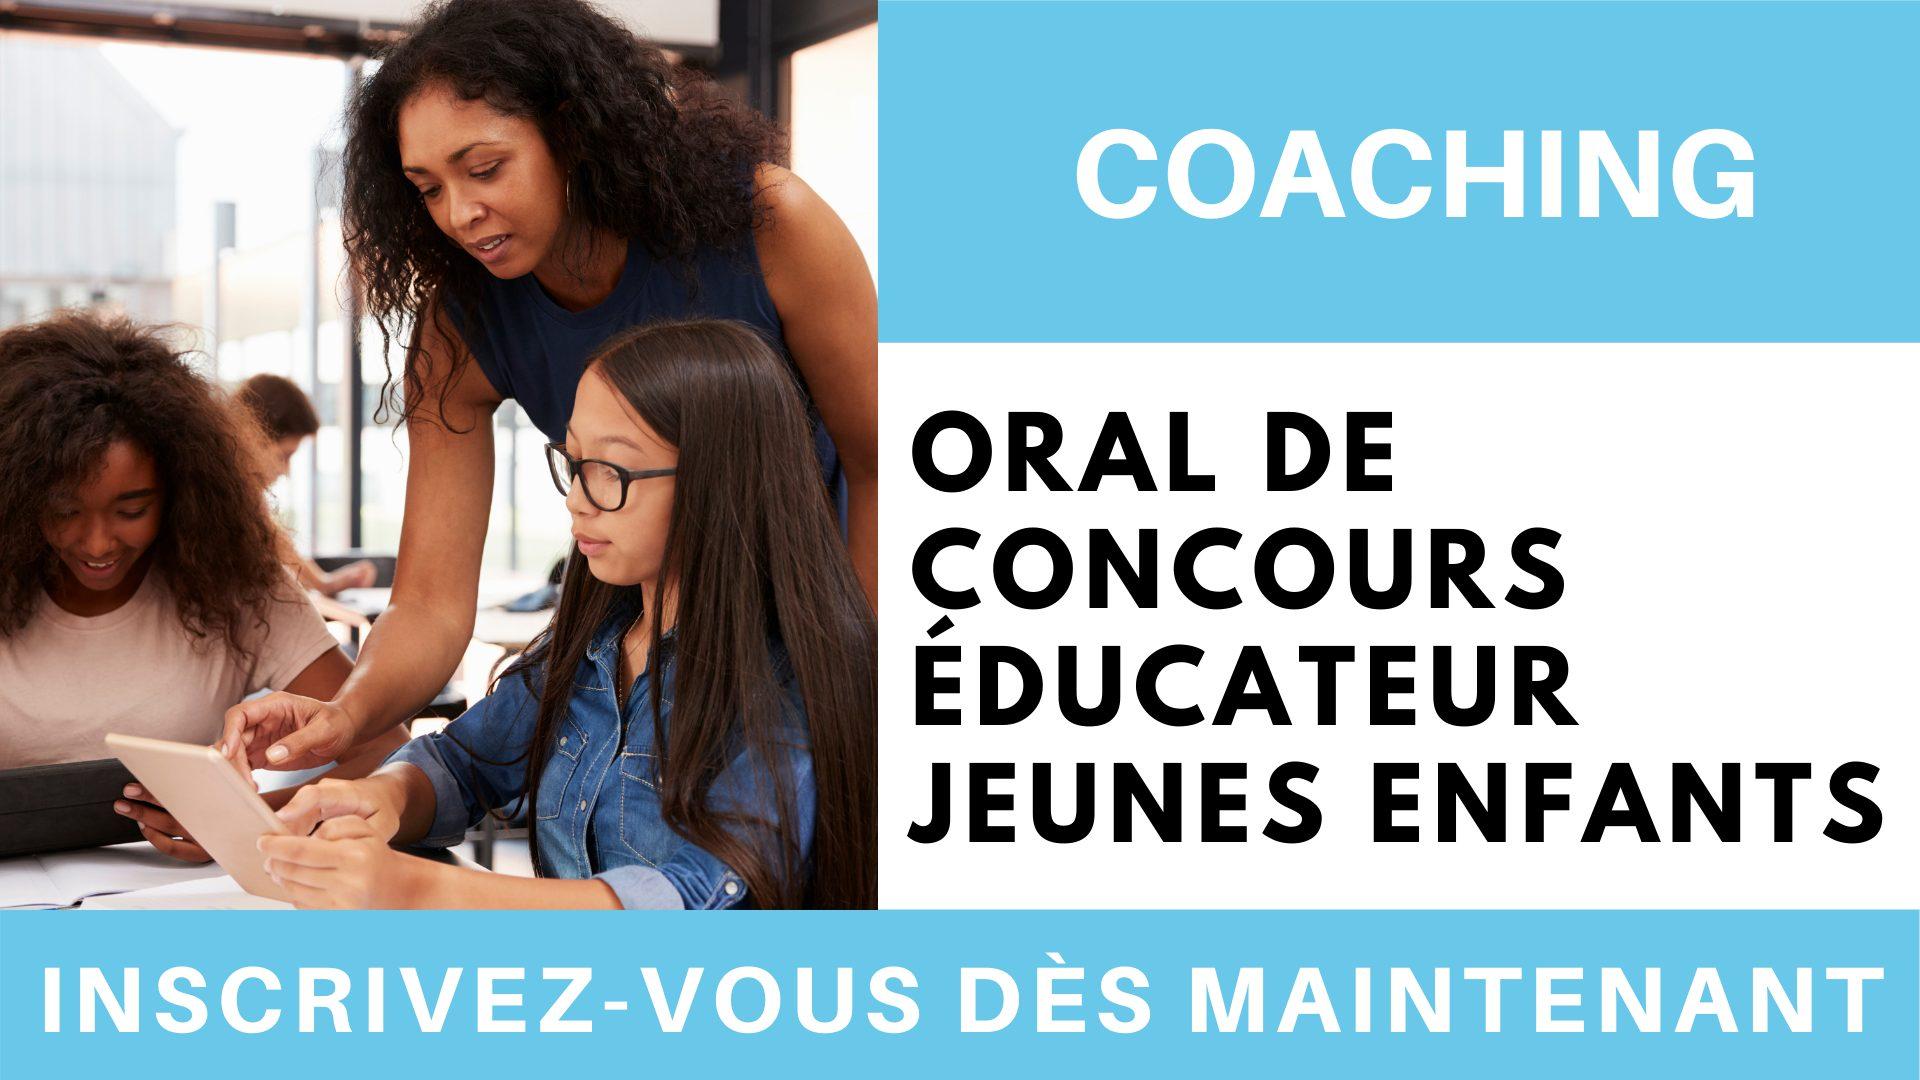 Coaching oral de concours éducateur jeunes enfants EJE